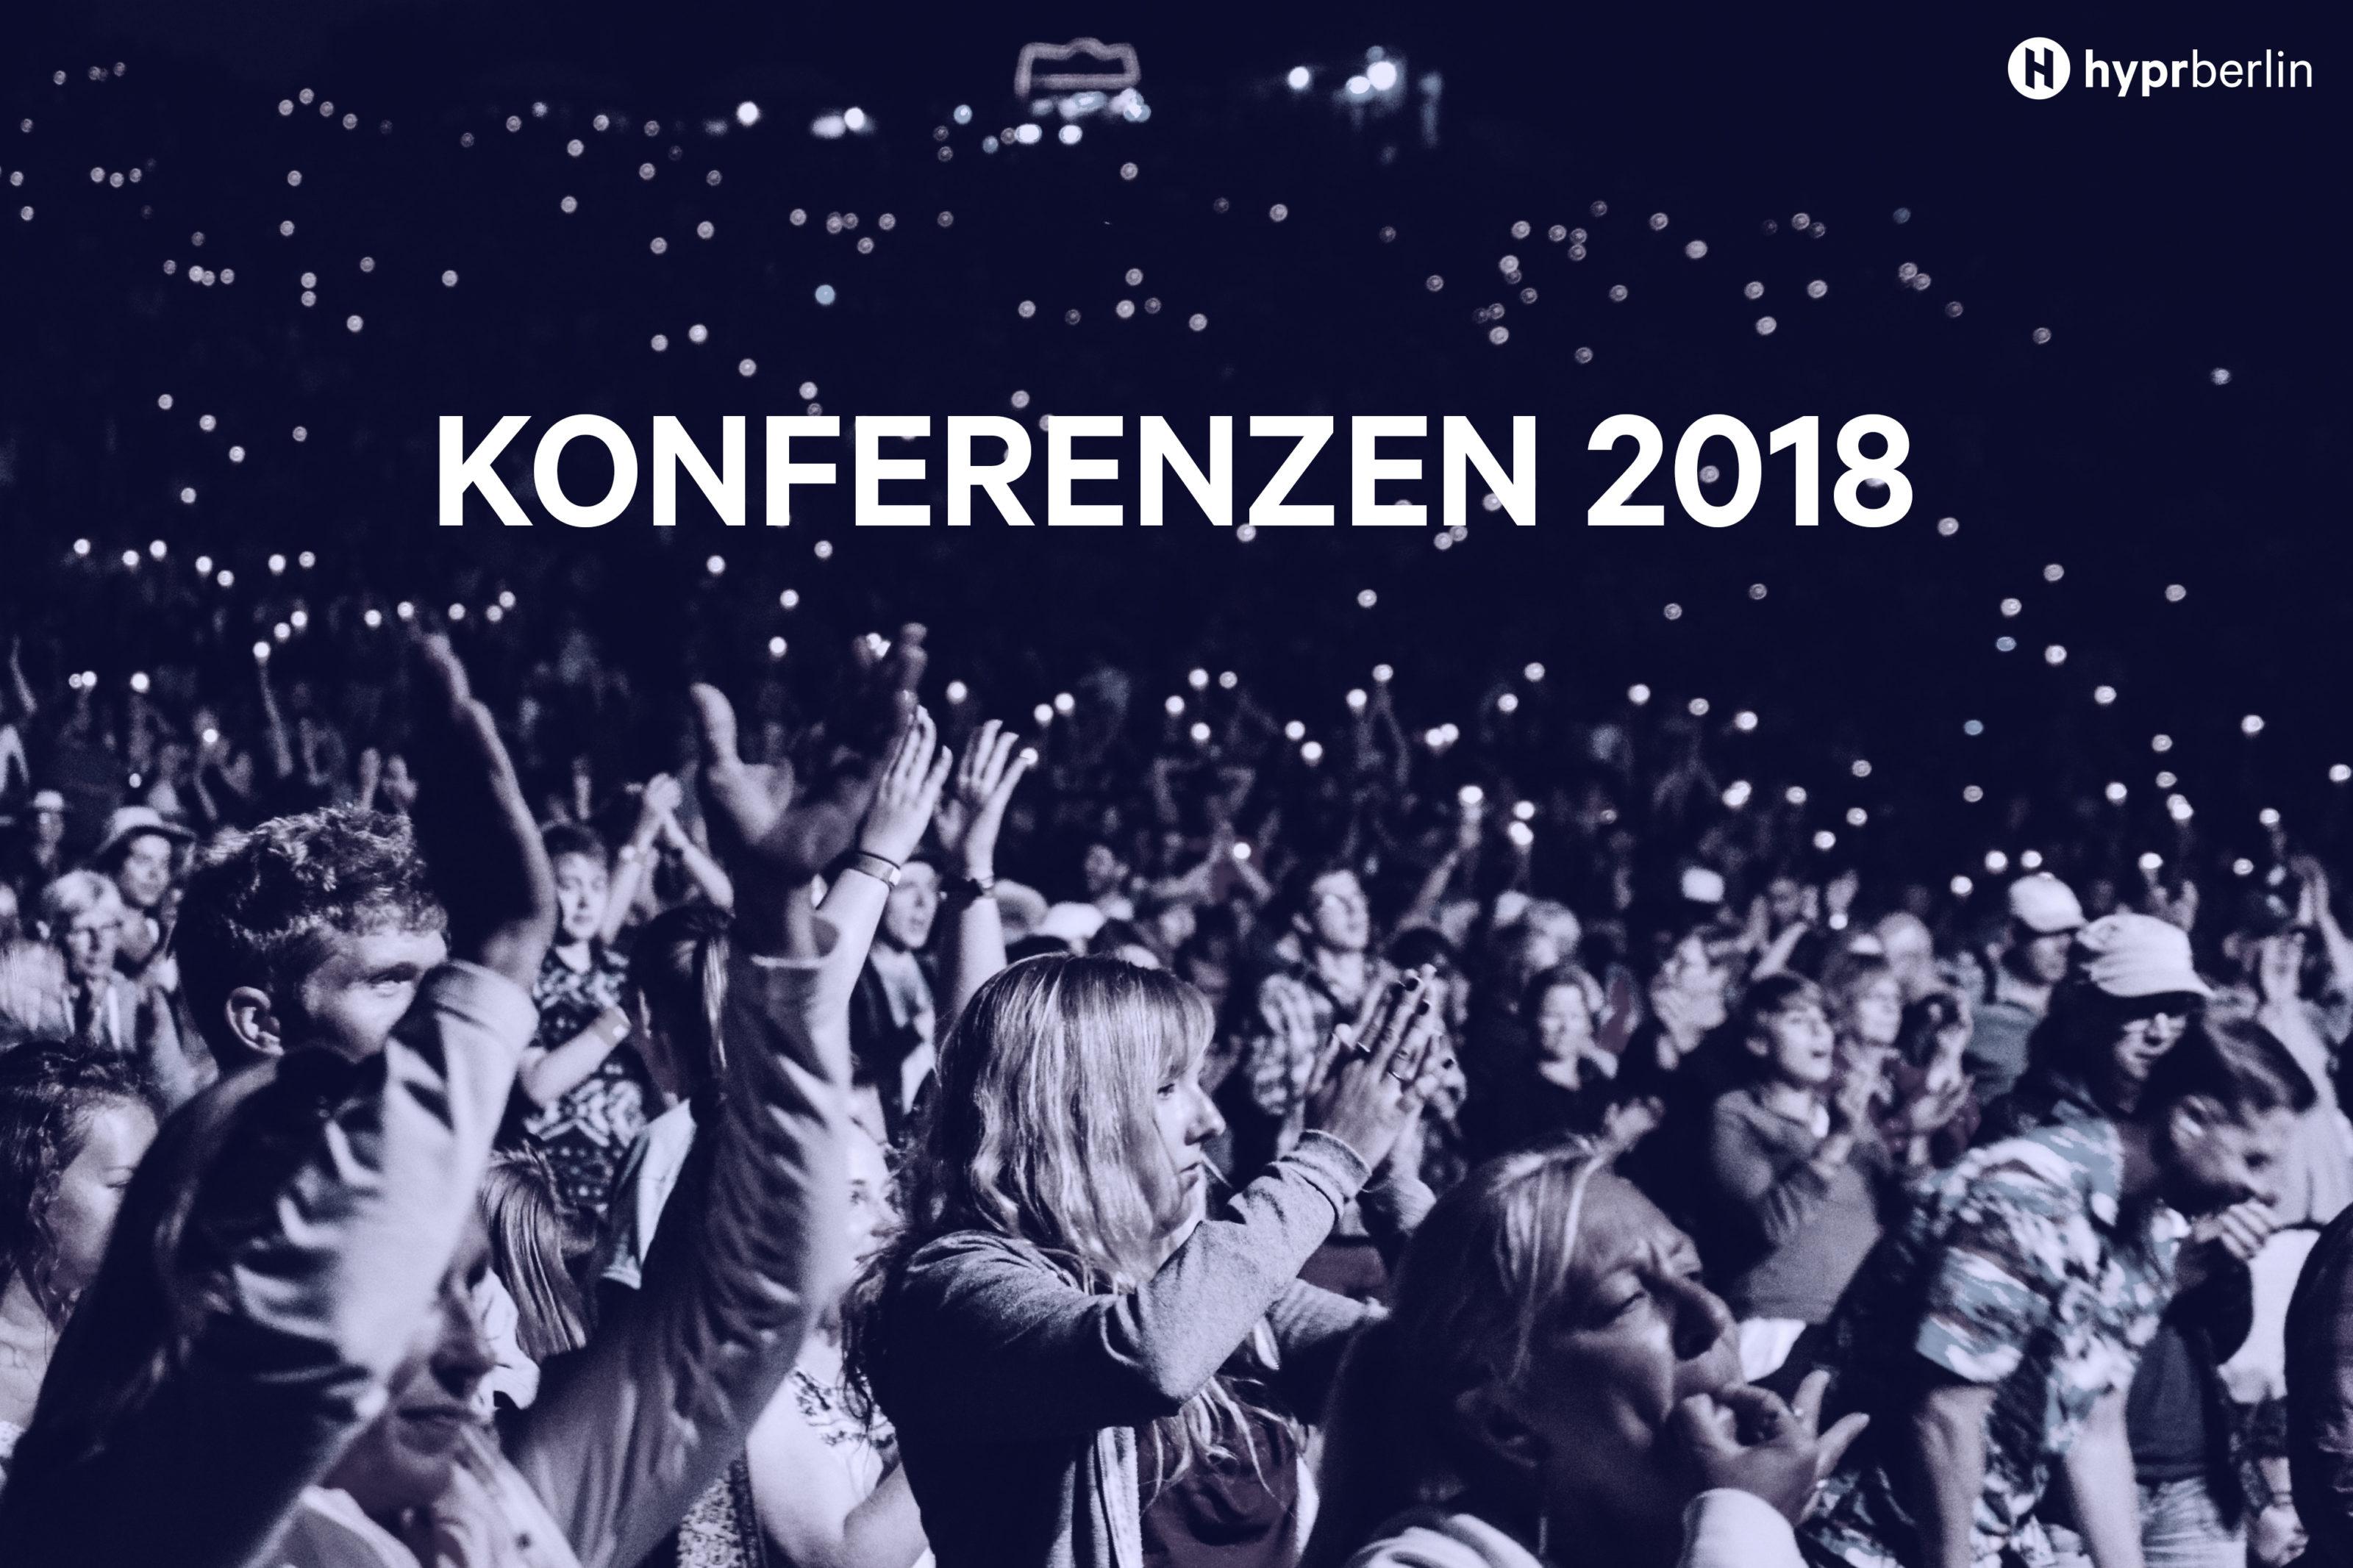 Konferenzen_hypr